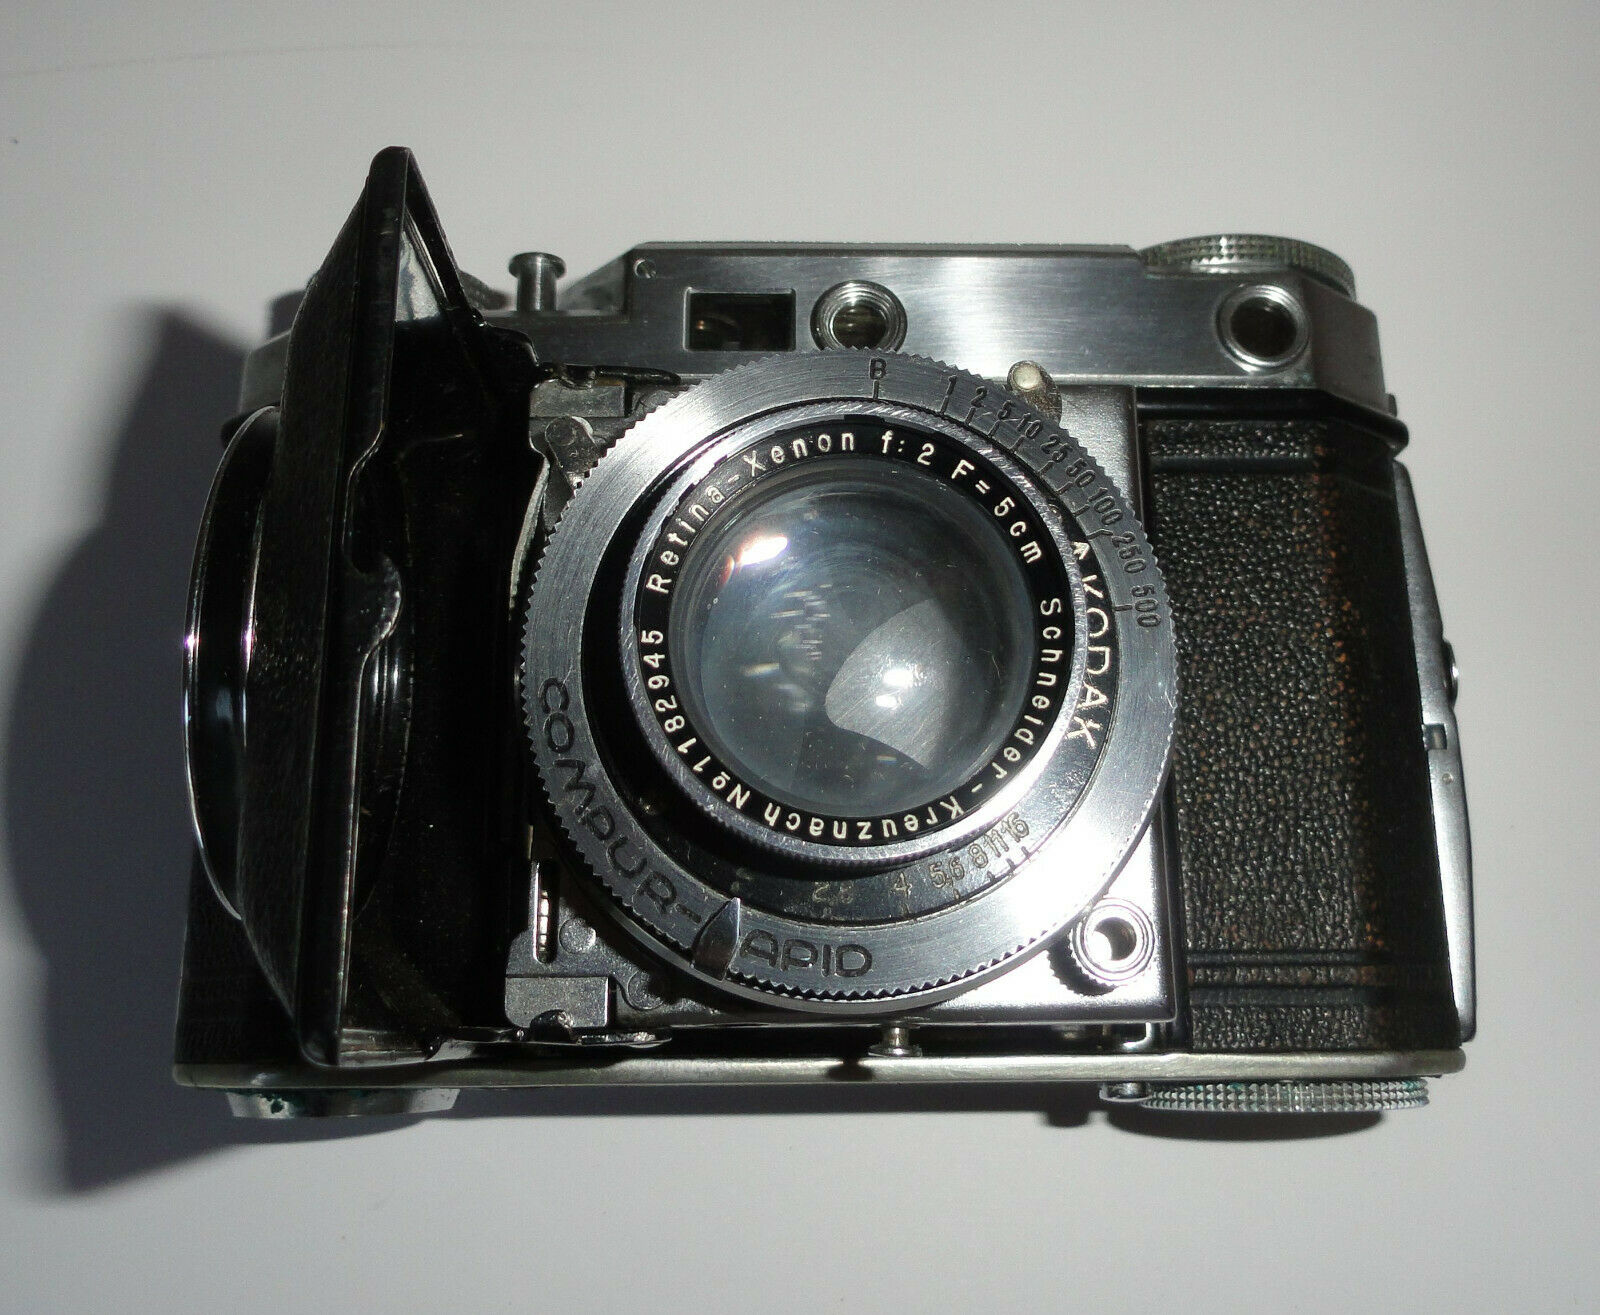 мере готовности дальномерный фотоаппарат кодак господу-богу